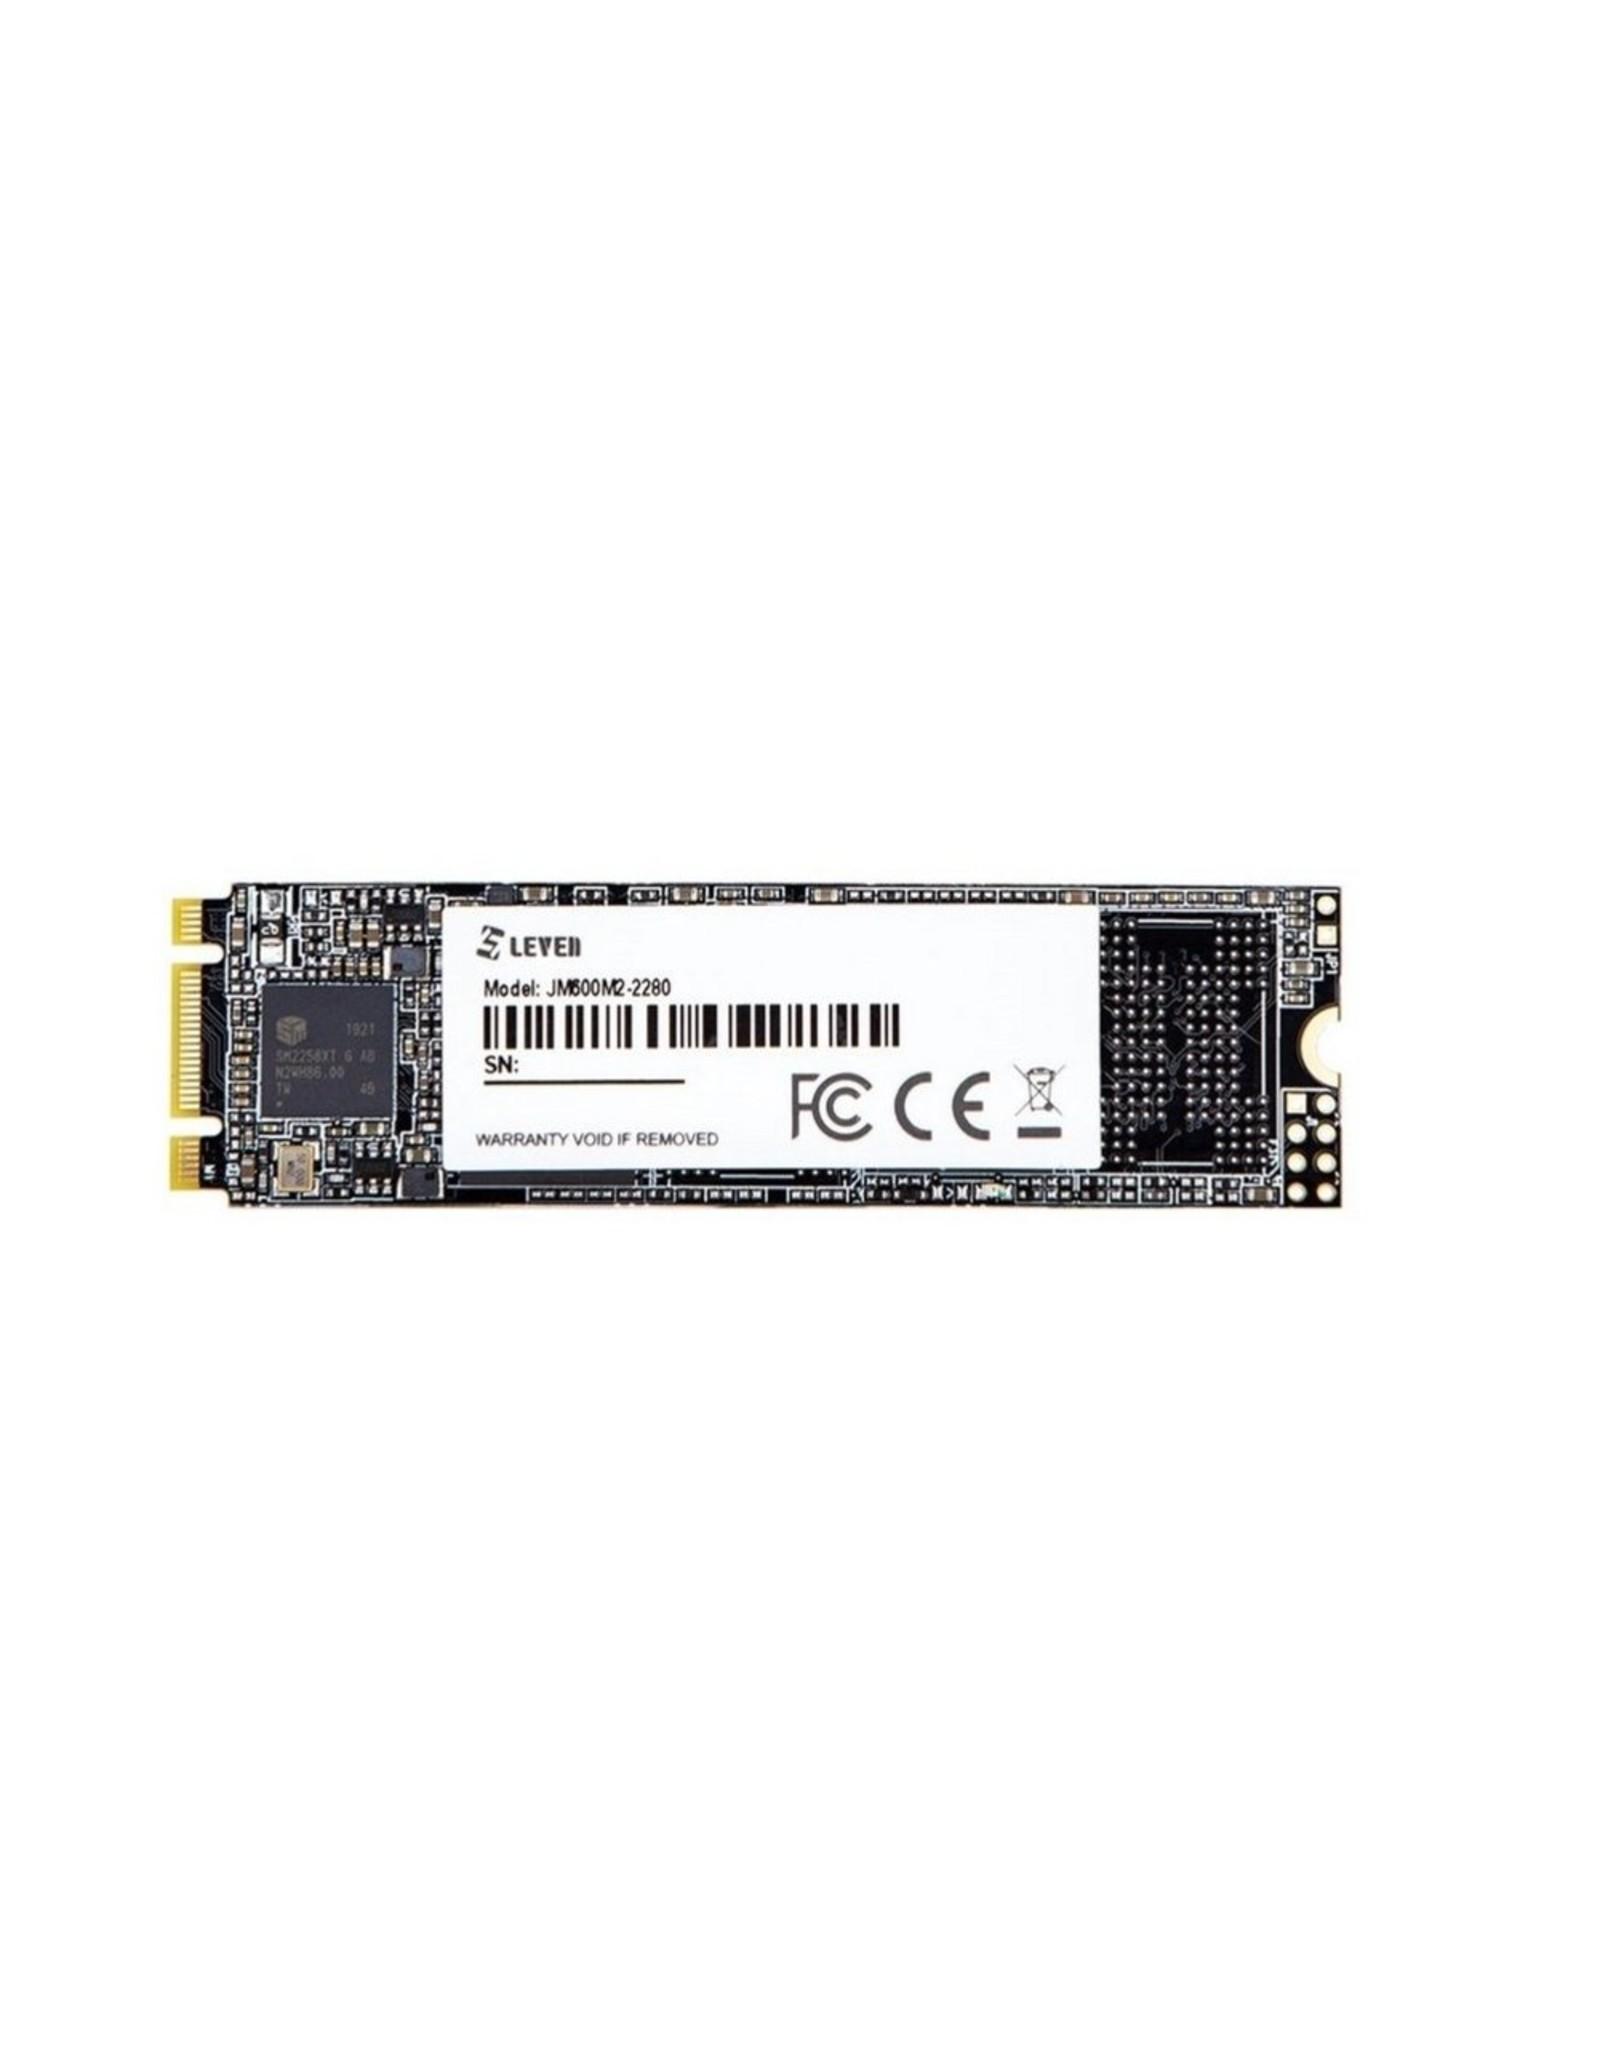 OEM SSD Leven 256GB M.2 JM600 retail